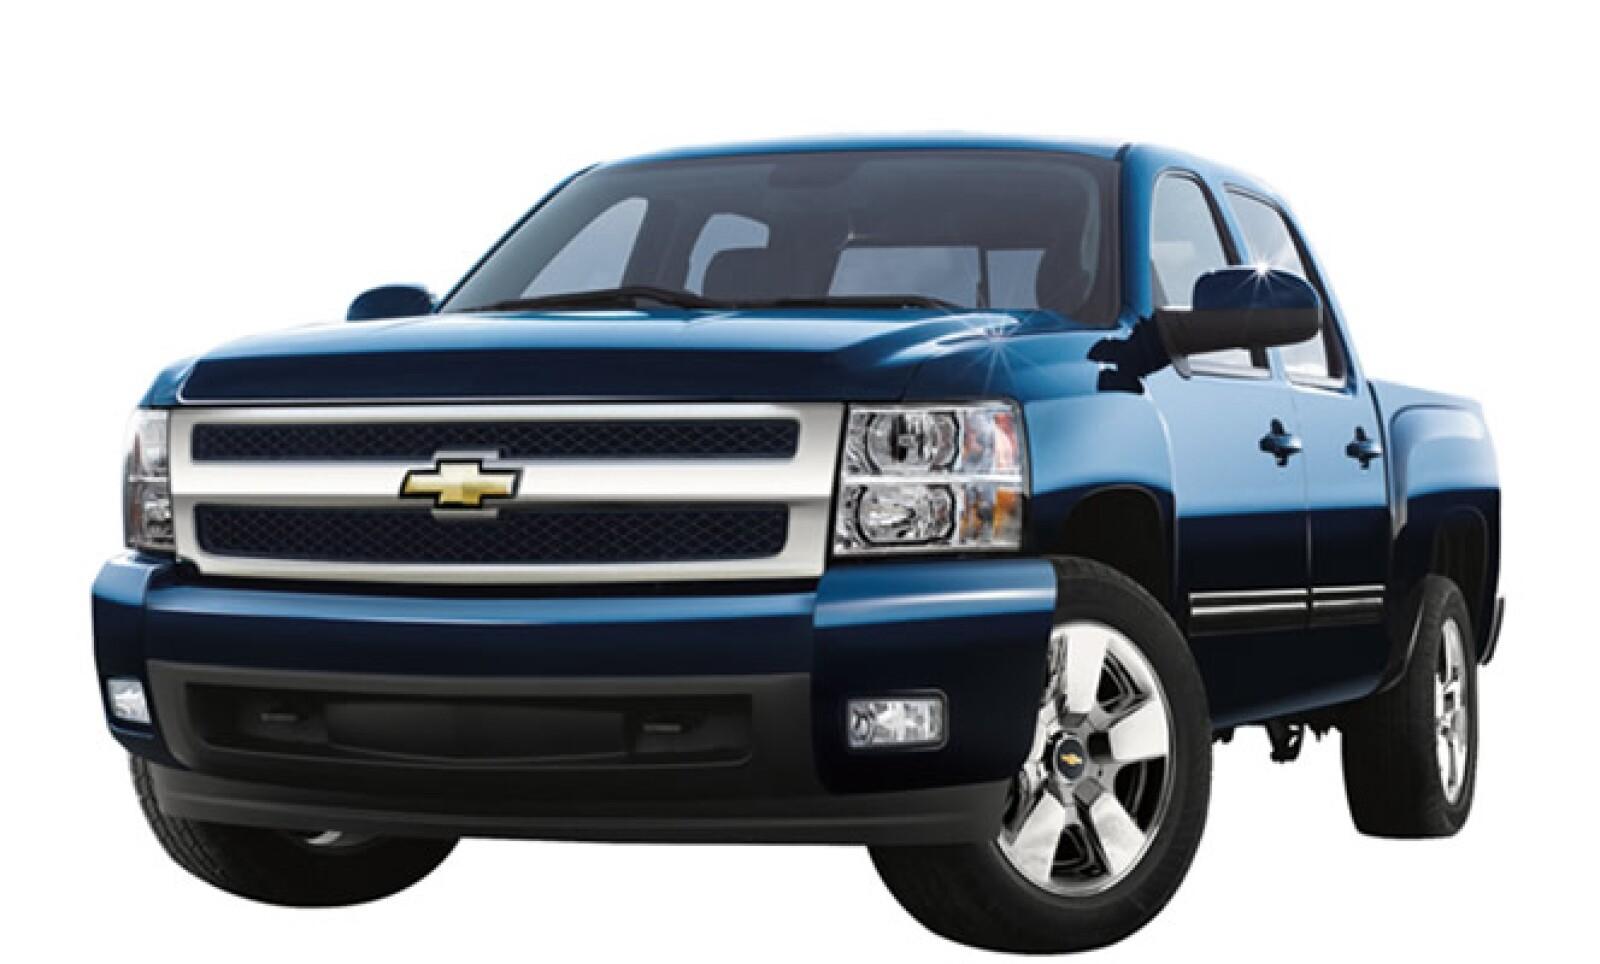 Producida en la fábrica de Silao, Guanajuato, esta camioneta fue introducida en el México en 1998. En Estados Unidos existe una versión híbrida.